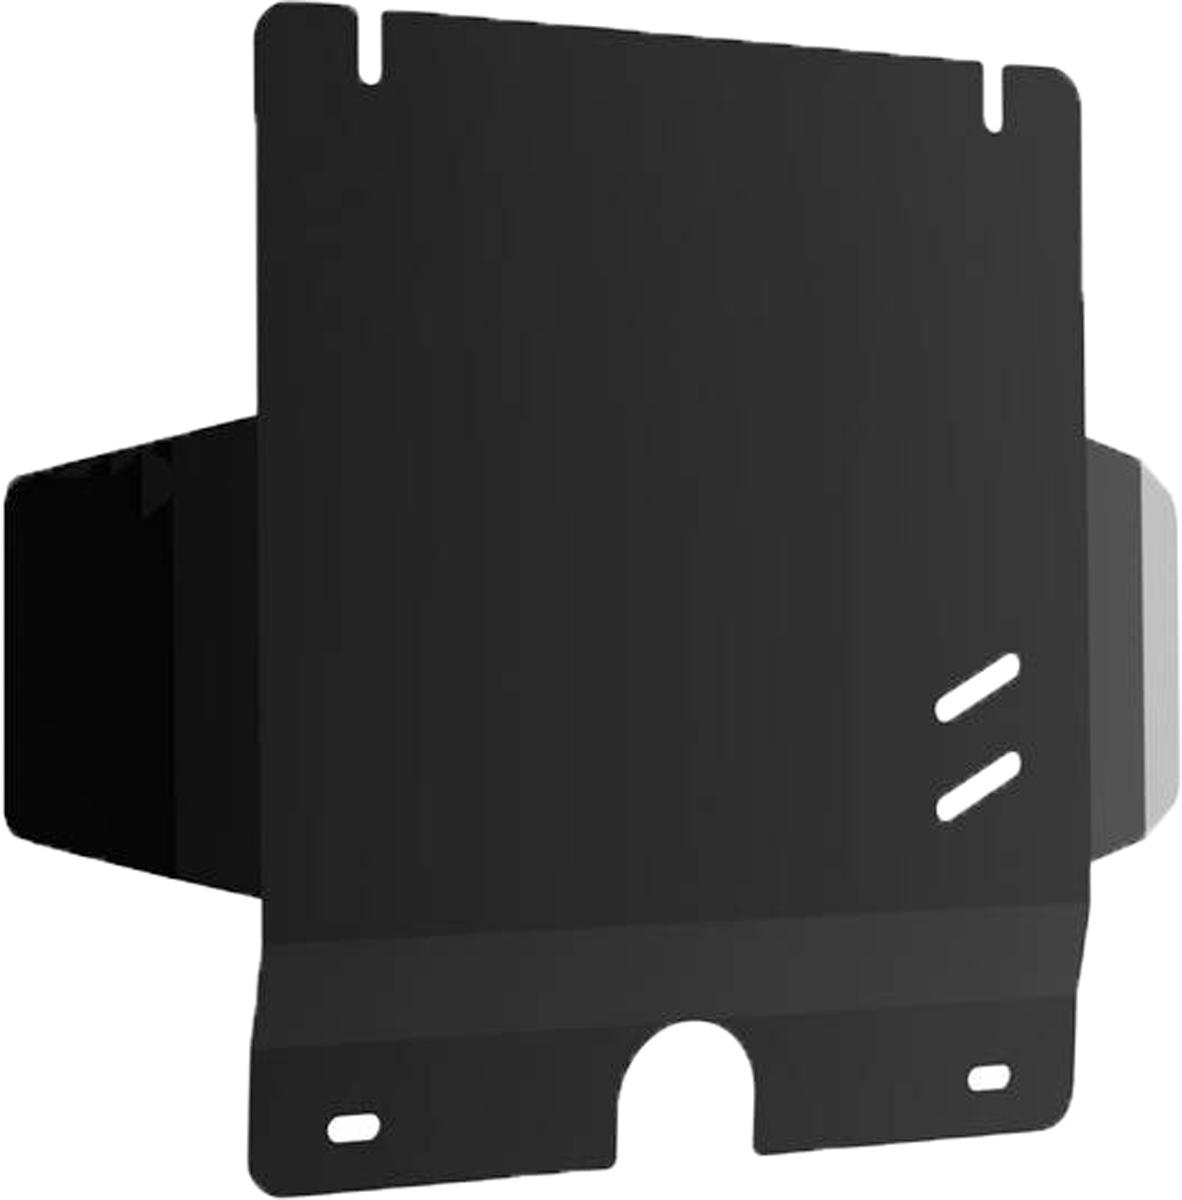 Защита картера Автоброня Toyota Hilux 2007-2015, сталь 2 мм1.05745.1Защита картера Автоброня Toyota Hilux V - 2,5D-4D; 3,0TD 2007-2015, сталь 2 мм, штатный крепеж, 1.05745.1 Дополнительно можно приобрести другие защитные элементы из комплекта: защита радиатора - 111.05744.1, защита КПП - 111.05746.1Стальные защиты Автоброня надежно защищают ваш автомобиль от повреждений при наезде на бордюры, выступающие канализационные люки, кромки поврежденного асфальта или при ремонте дорог, не говоря уже о загородных дорогах. - Имеют оптимальное соотношение цена-качество. - Спроектированы с учетом особенностей автомобиля, что делает установку удобной. - Защита устанавливается в штатные места кузова автомобиля. - Является надежной защитой для важных элементов на протяжении долгих лет. - Глубокий штамп дополнительно усиливает конструкцию защиты. - Подштамповка в местах крепления защищает крепеж от срезания. - Технологические отверстия там, где они необходимы для смены масла и слива воды, оборудованные заглушками, закрепленными на защите. Толщина стали 2 мм. В комплекте инструкция по установке. При установке используется штатный крепеж автомобиля.Уважаемые клиенты! Обращаем ваше внимание на тот факт, что защита имеет форму, соответствующую модели данного автомобиля. Наличие глубокого штампа и лючков для смены фильтров/масла предусмотрено не на всех защитах. Фото служит для визуального восприятия товара.